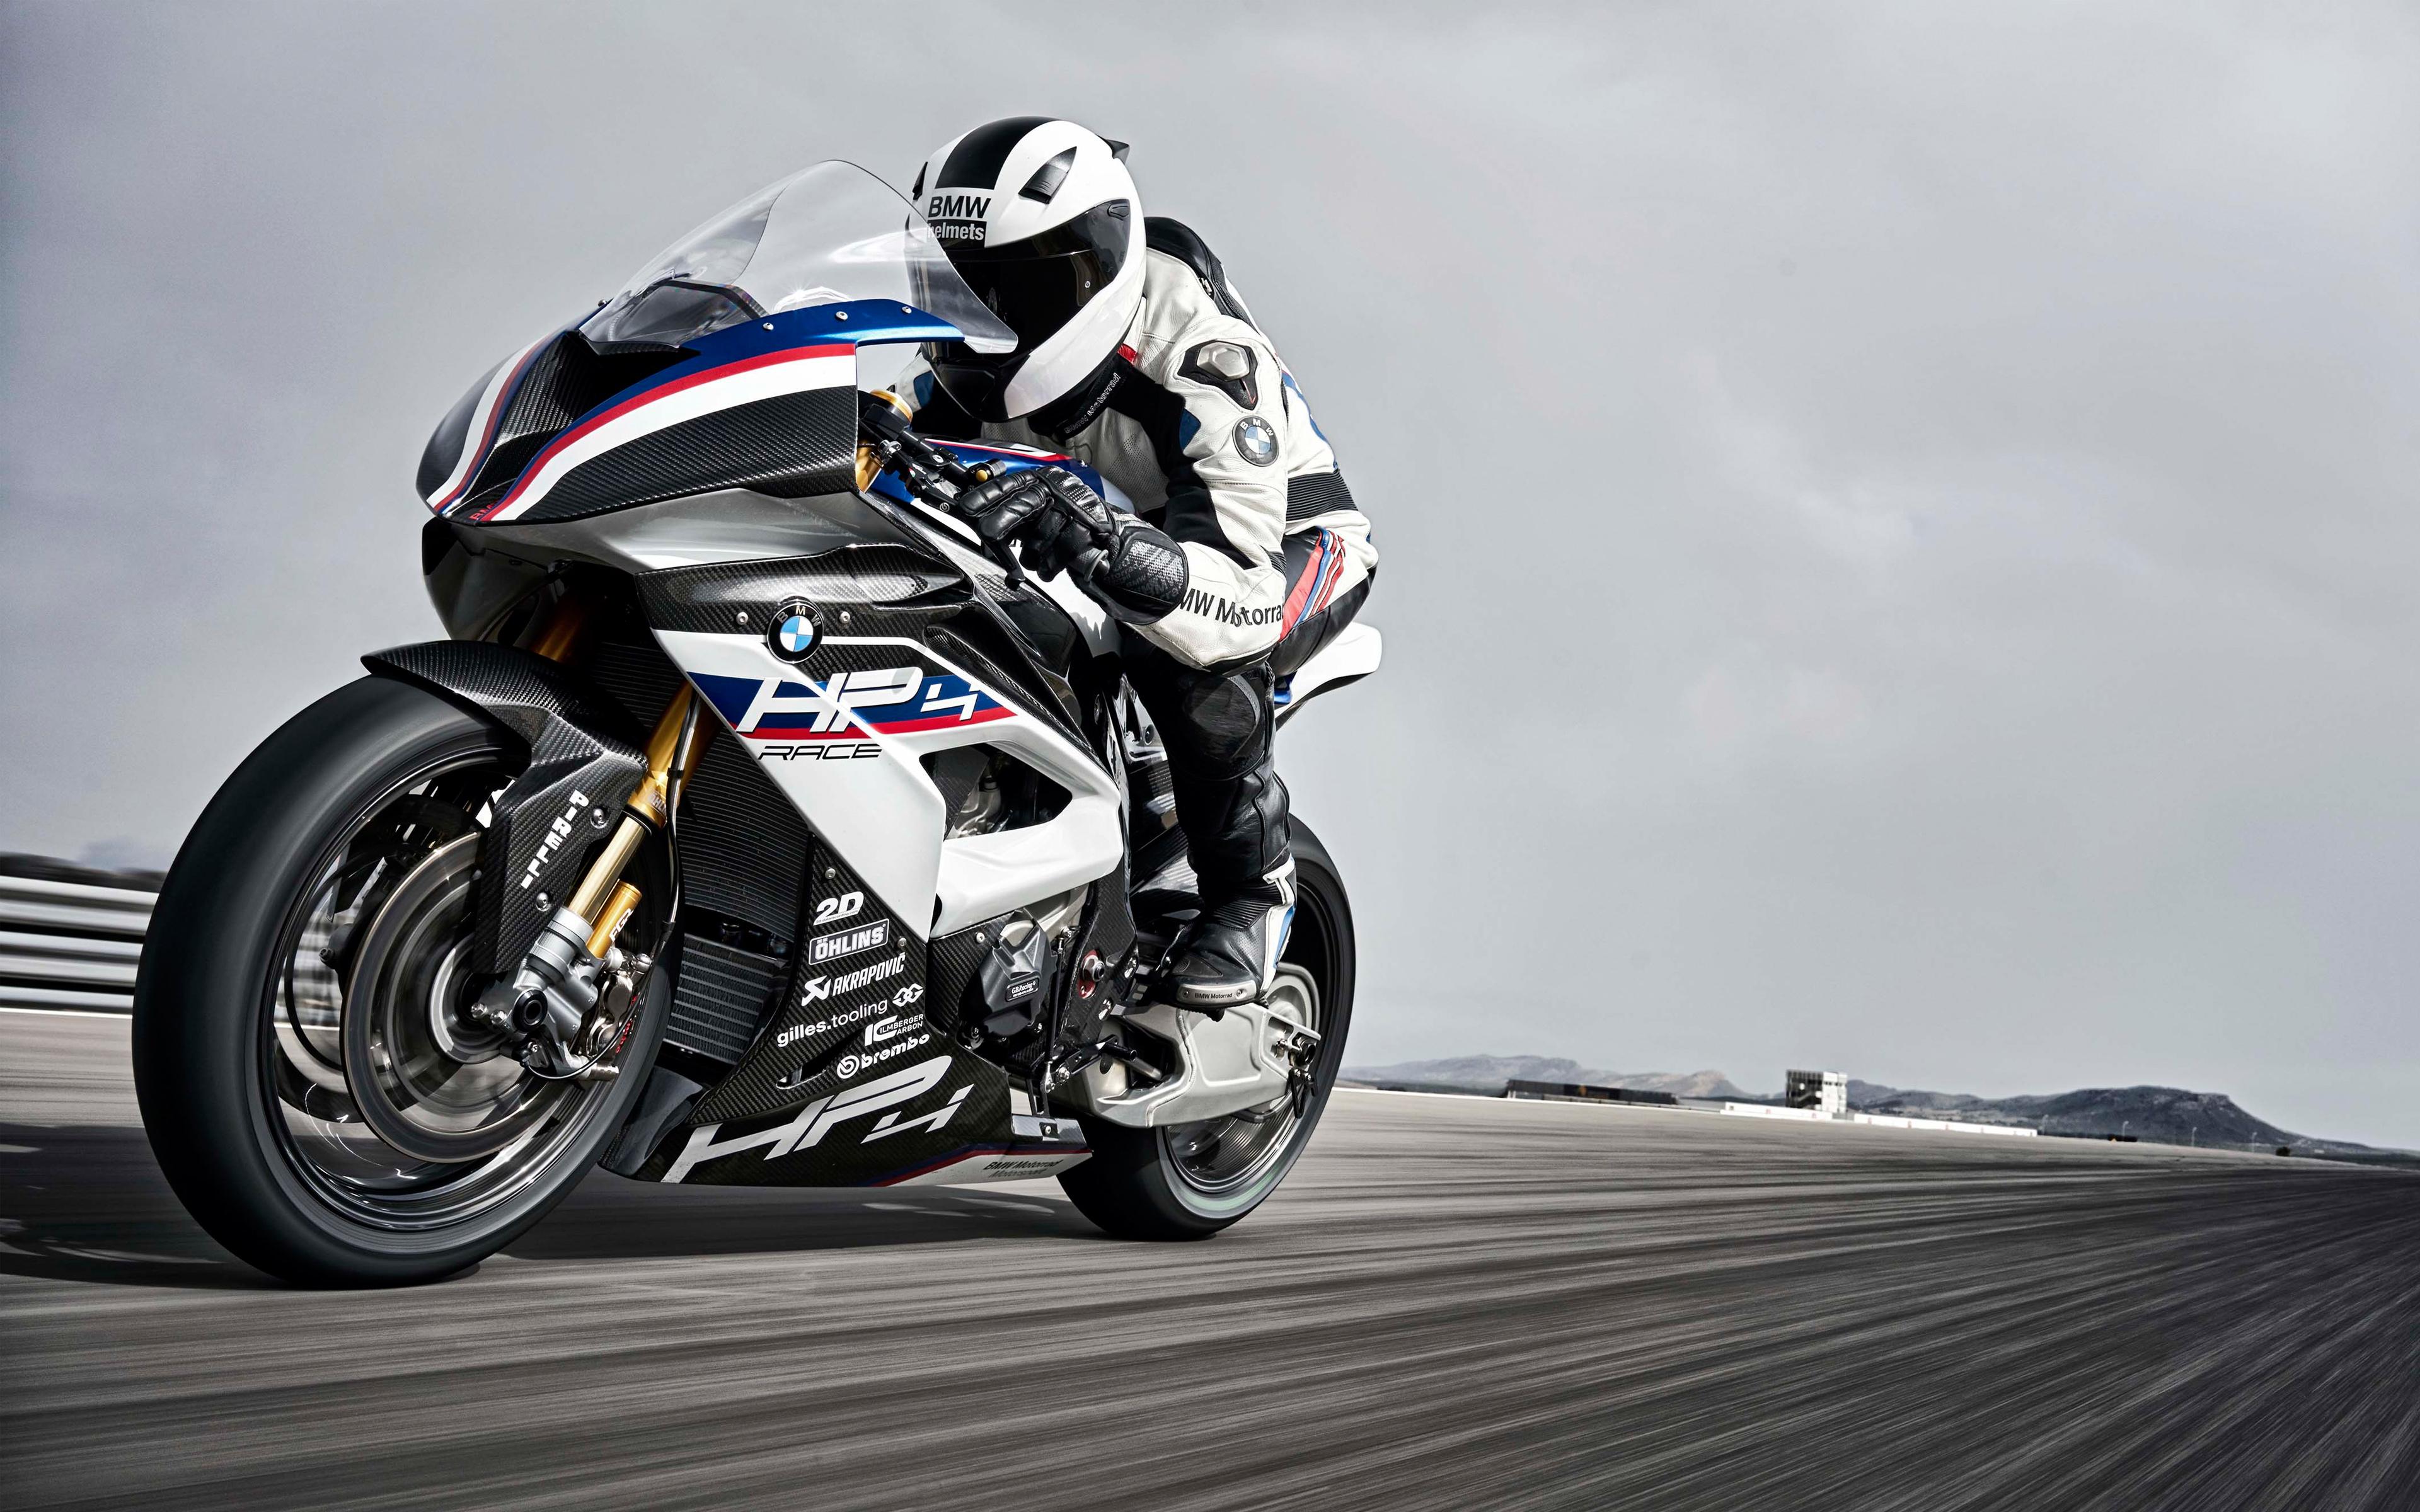 Bmw hp4 race bike 4k. обои скачать